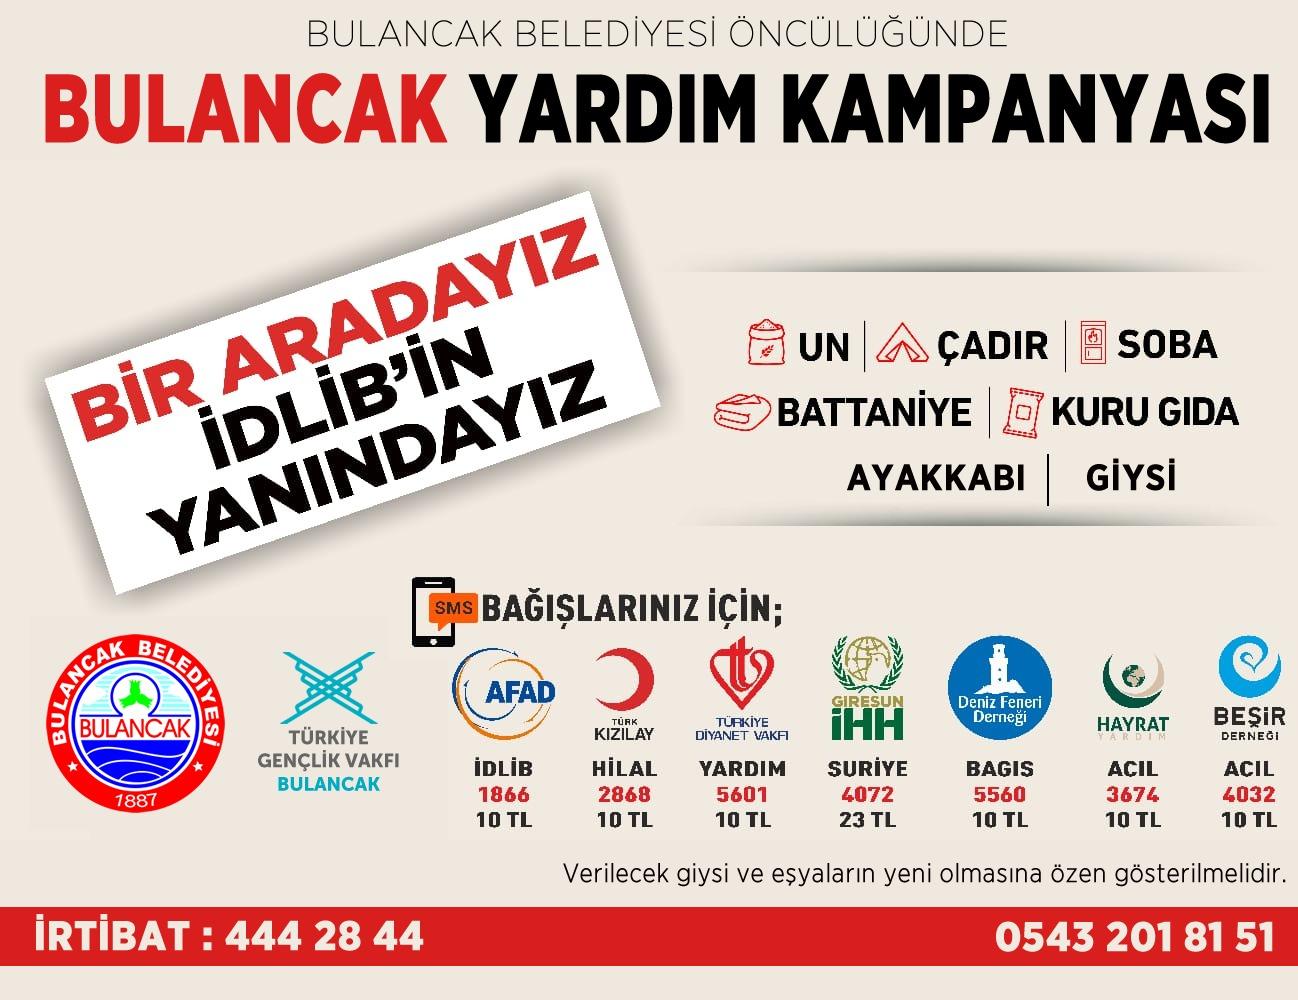 BULANCAK İDLİB'İN YANINDA!